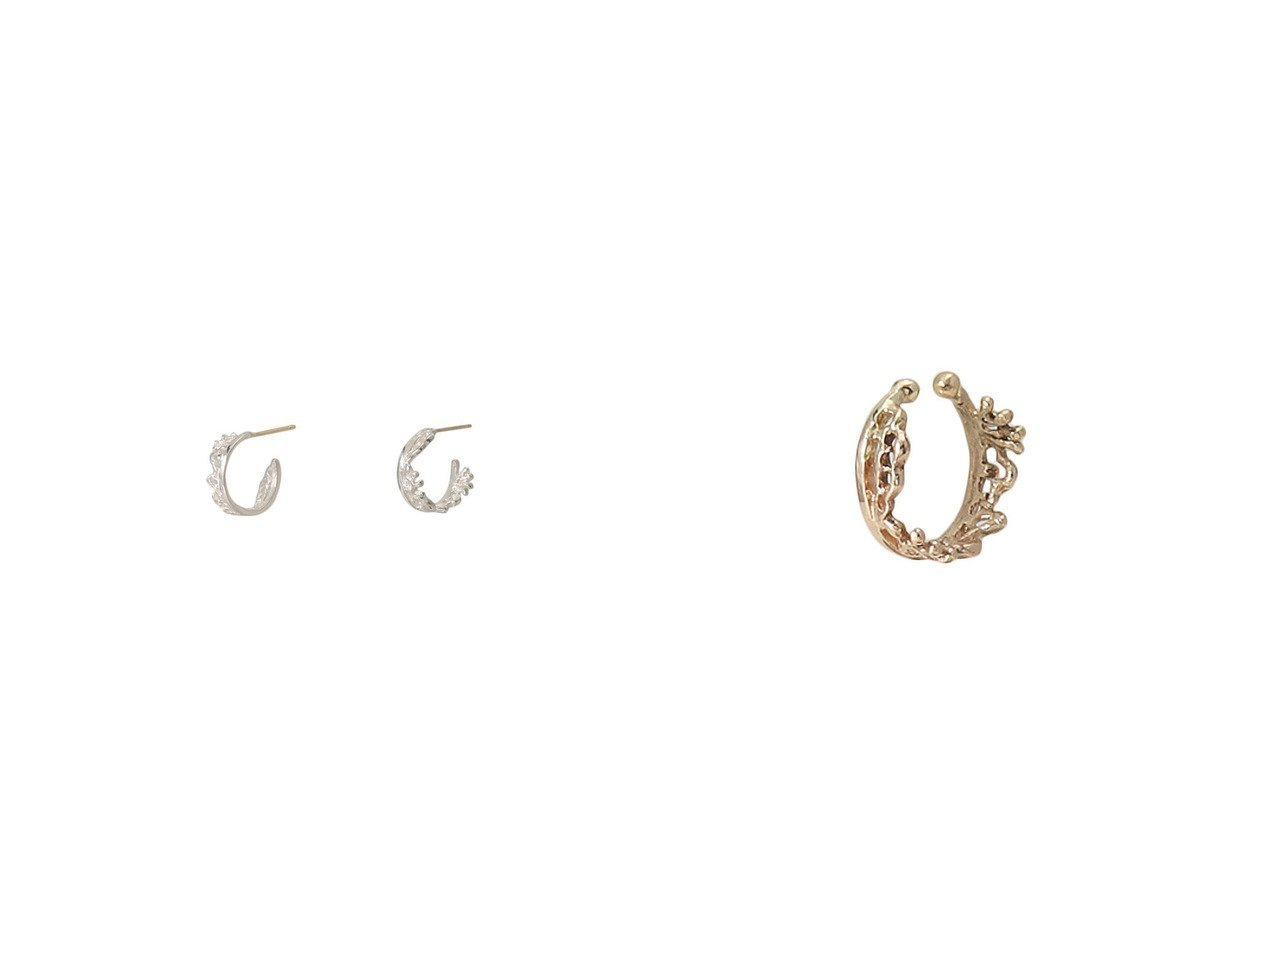 【KAORU/カオル】のFUSION K10 ピンクゴールド イヤーカフ S&FUSION シルバー ピアス S おすすめ!人気、トレンド・レディースファッションの通販 おすすめで人気の流行・トレンド、ファッションの通販商品 メンズファッション・キッズファッション・インテリア・家具・レディースファッション・服の通販 founy(ファニー) https://founy.com/ ファッション Fashion レディースファッション WOMEN ジュエリー Jewelry リング Rings イヤリング Earrings 2021年 2021 2021 春夏 S/S SS Spring/Summer 2021 S/S 春夏 SS Spring/Summer イヤーカフ シンプル モチーフ レース 春 Spring 片耳 シルバー フープ |ID:crp329100000023676